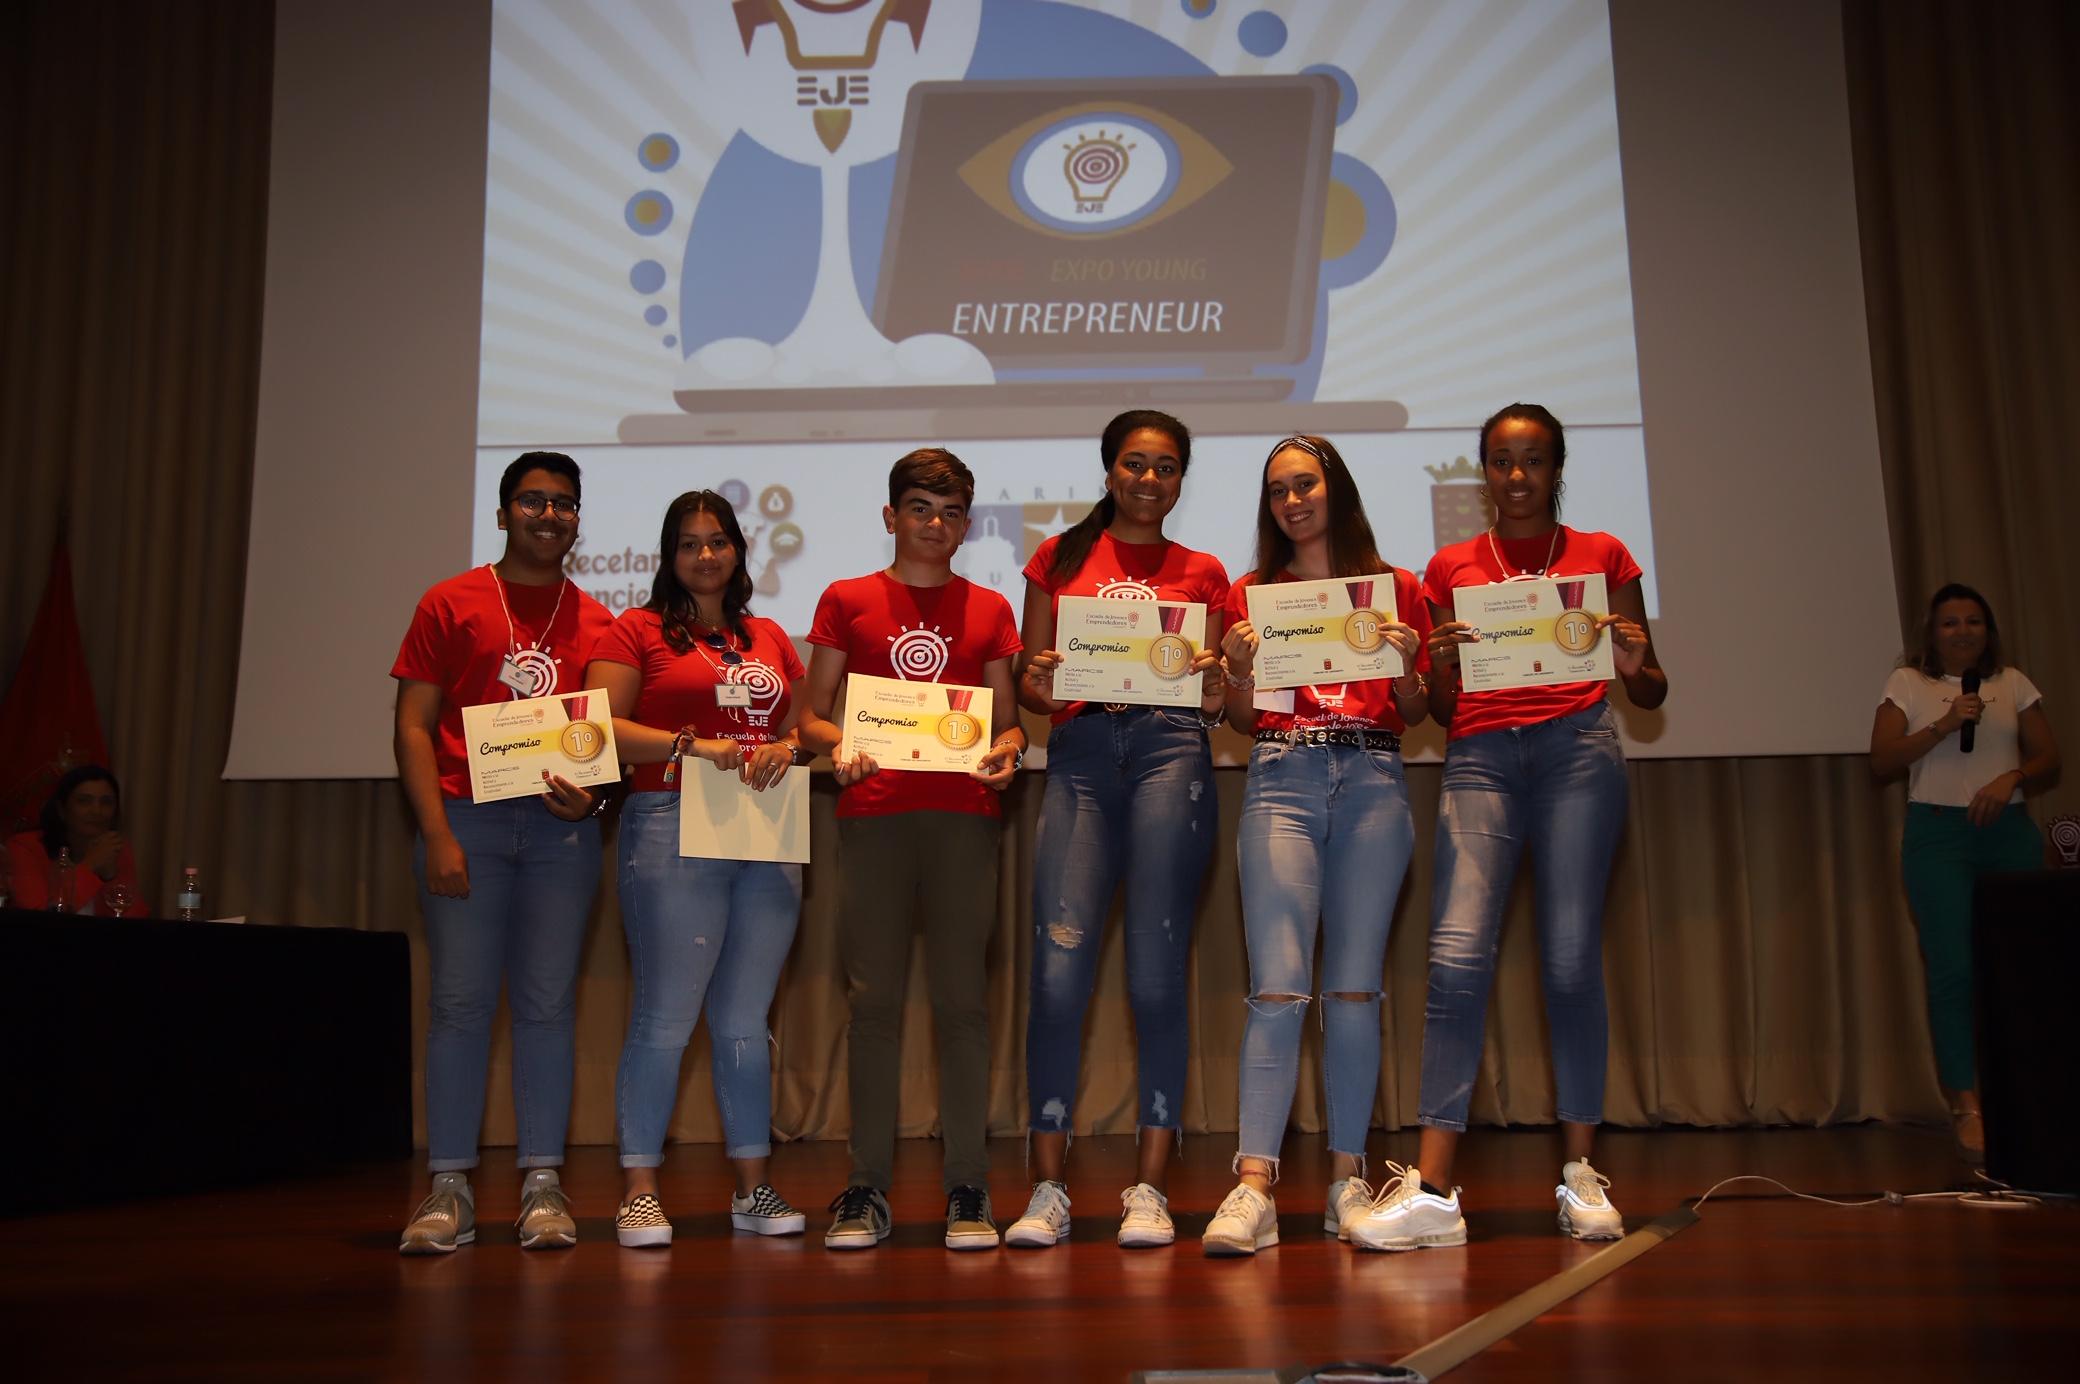 El Cabildo de Lanzarote celebra la EYE- Expo Young Entrepreneur de la Escuela de Jóvenes Emprendedores de Lanzarote